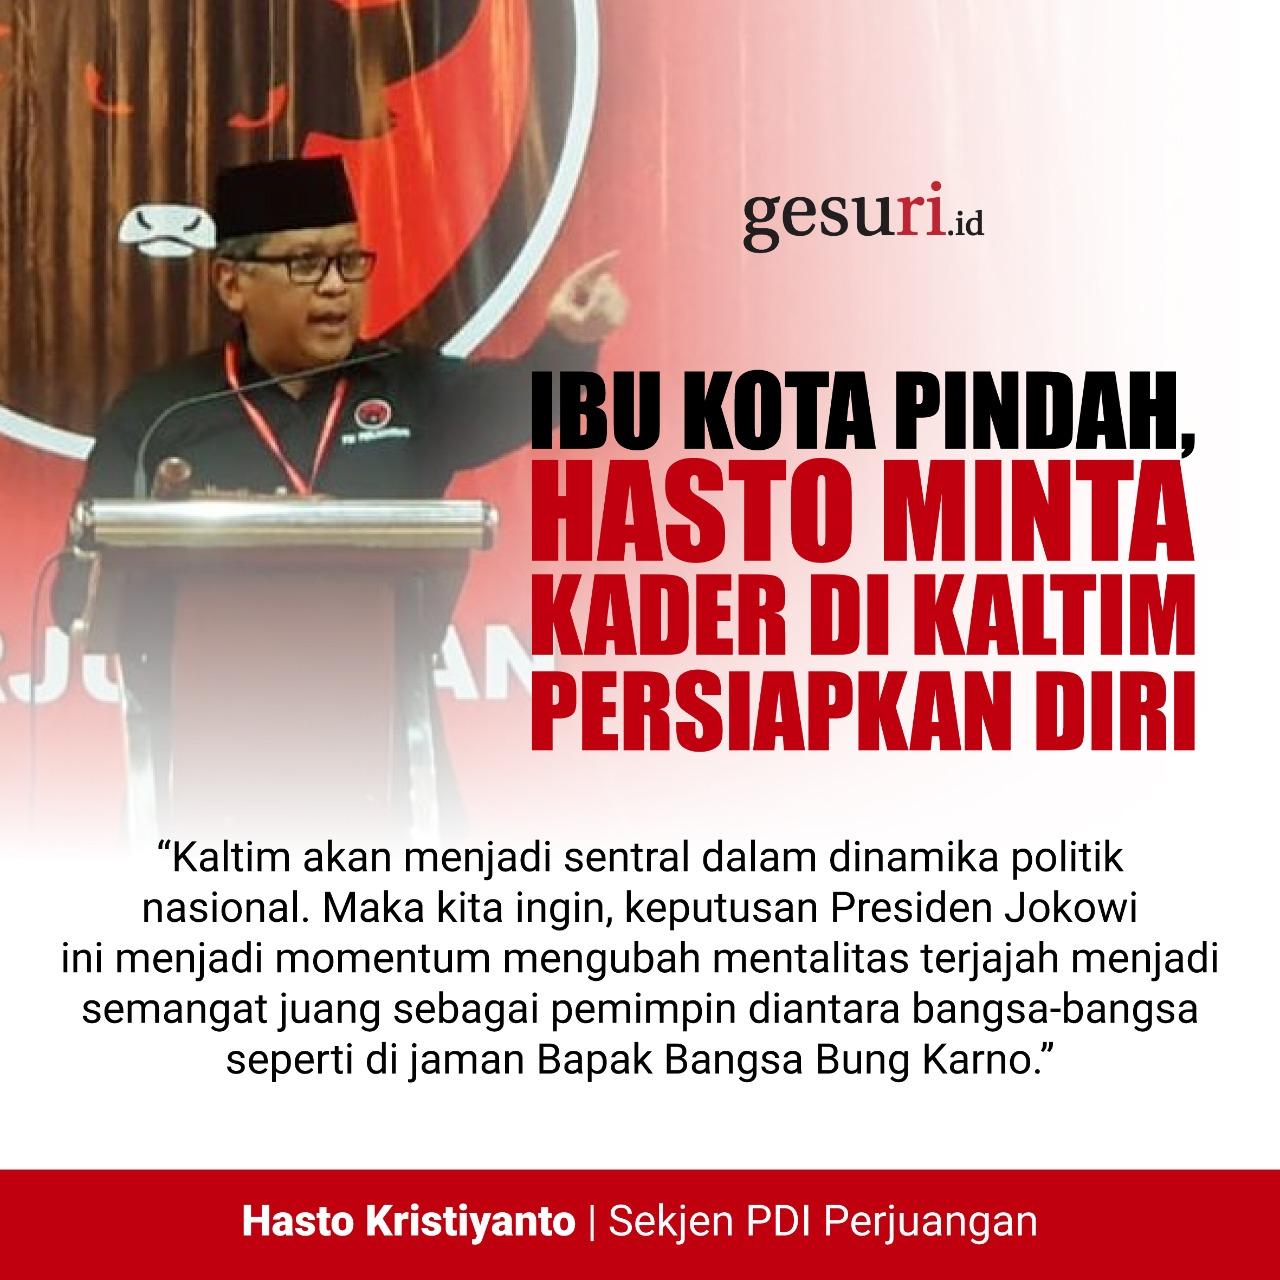 Ibu Kota Pindah, Hasto Minta Kader di Kaltim Persiapkan Diri